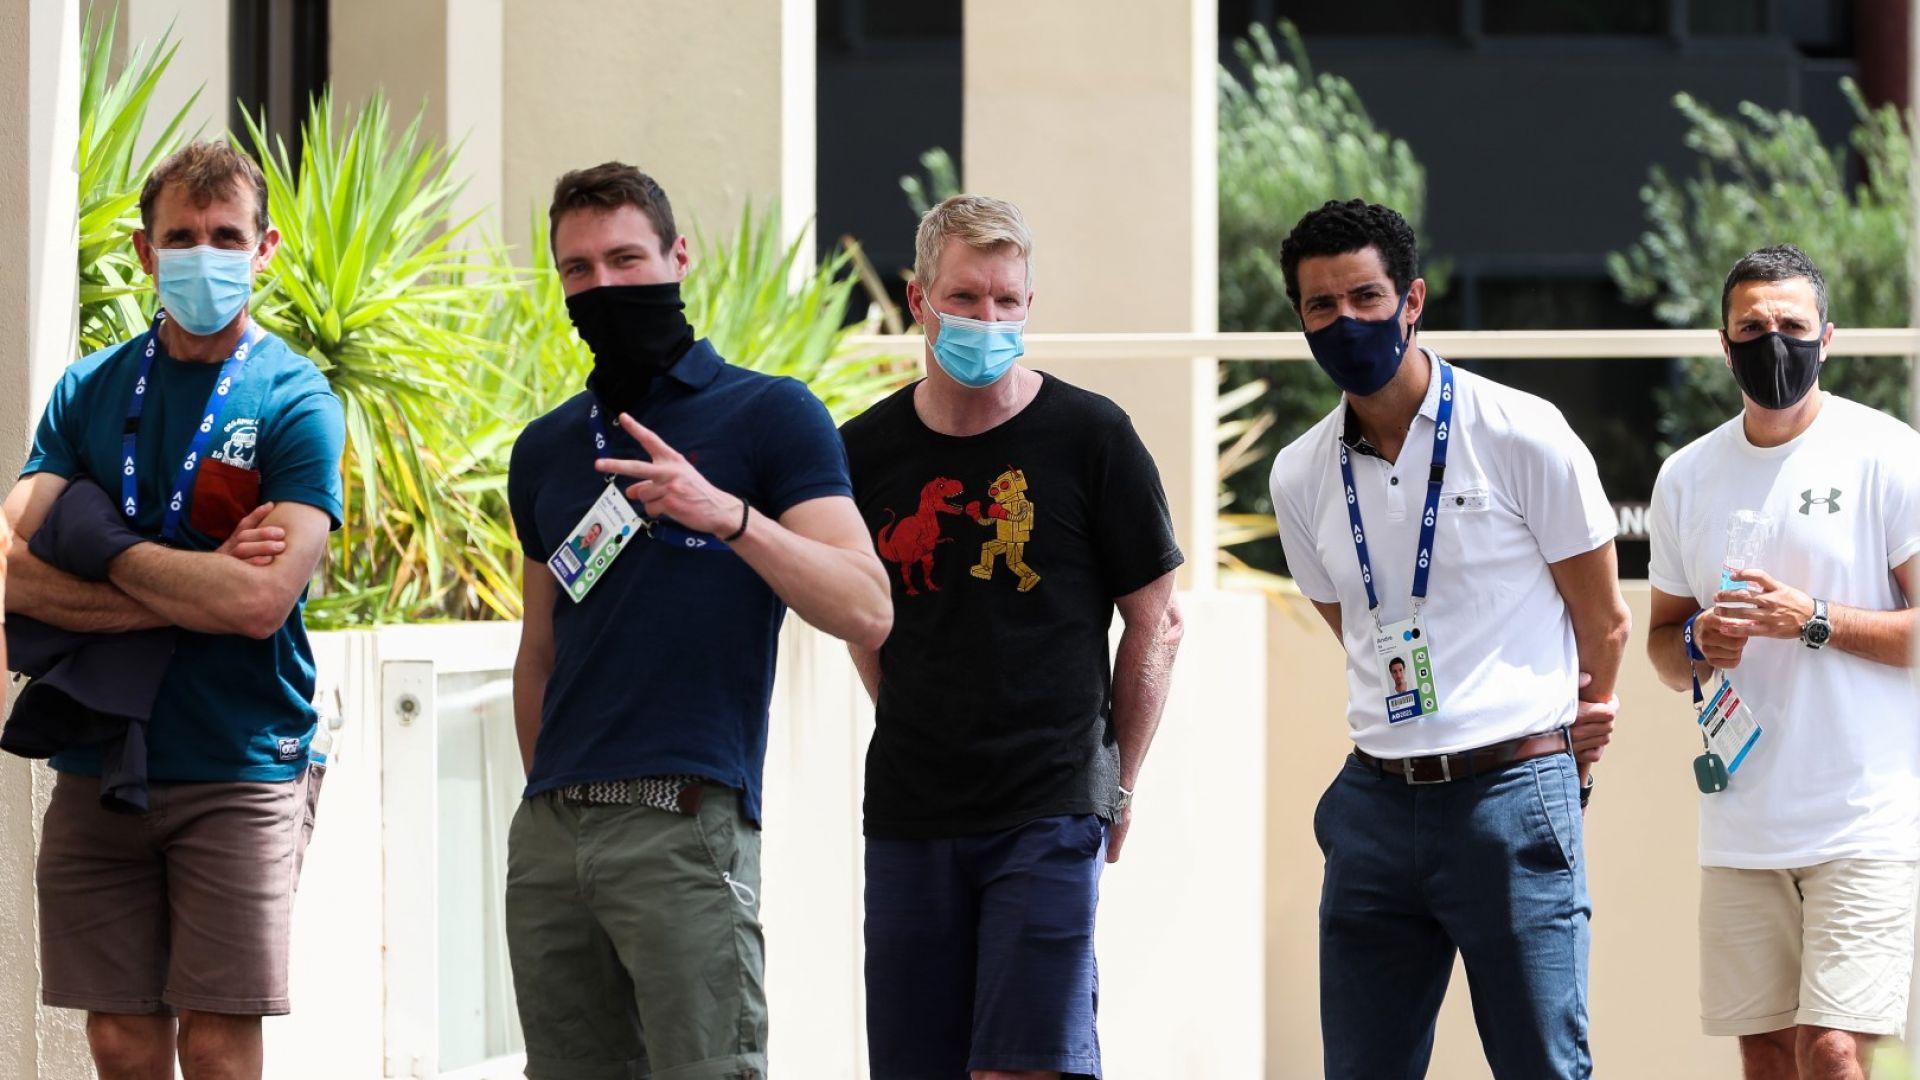 Отложиха жребия за Australian open. Тенисистите се редят на опашки за тестове, изолираните са 507